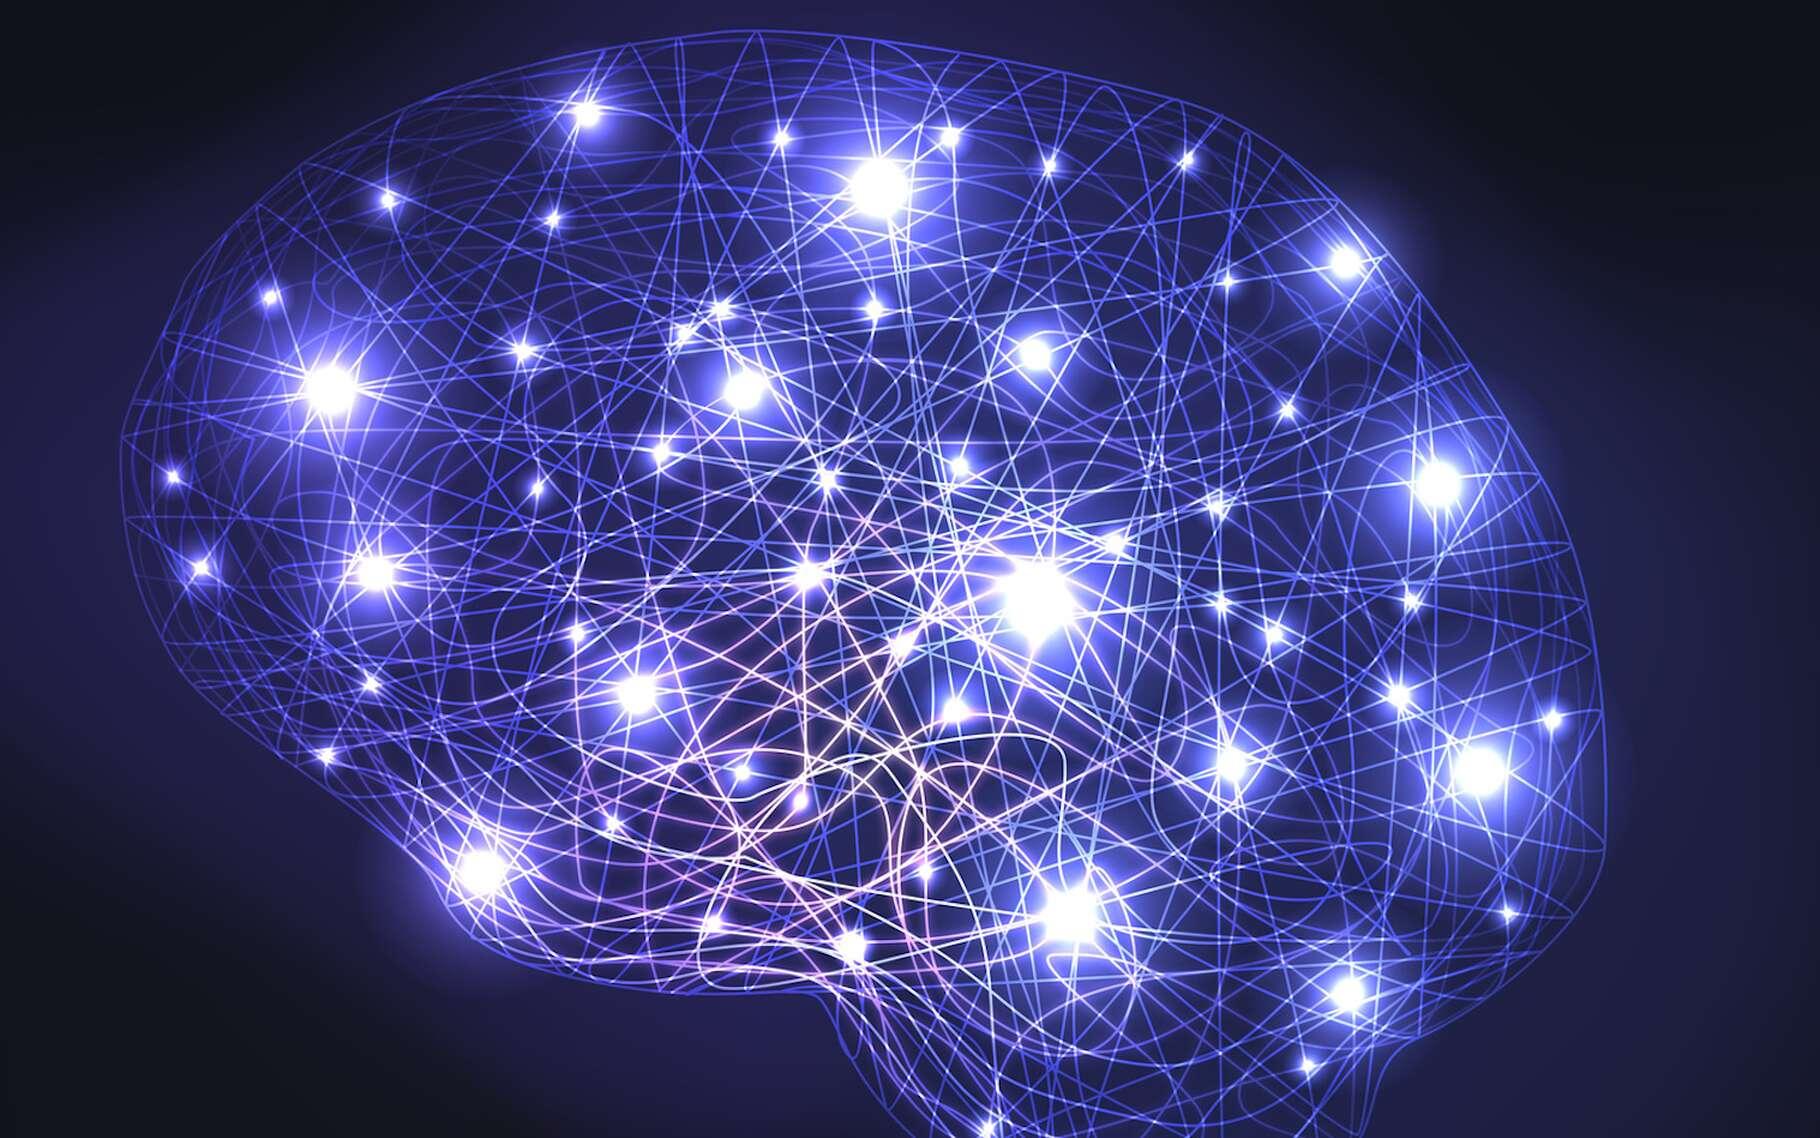 Des chercheurs ont mis au point un algorithme capable de déterminer le QI d'une personne à partir d'une IRM de son cerveau au repos. © pict rider, Fotolia